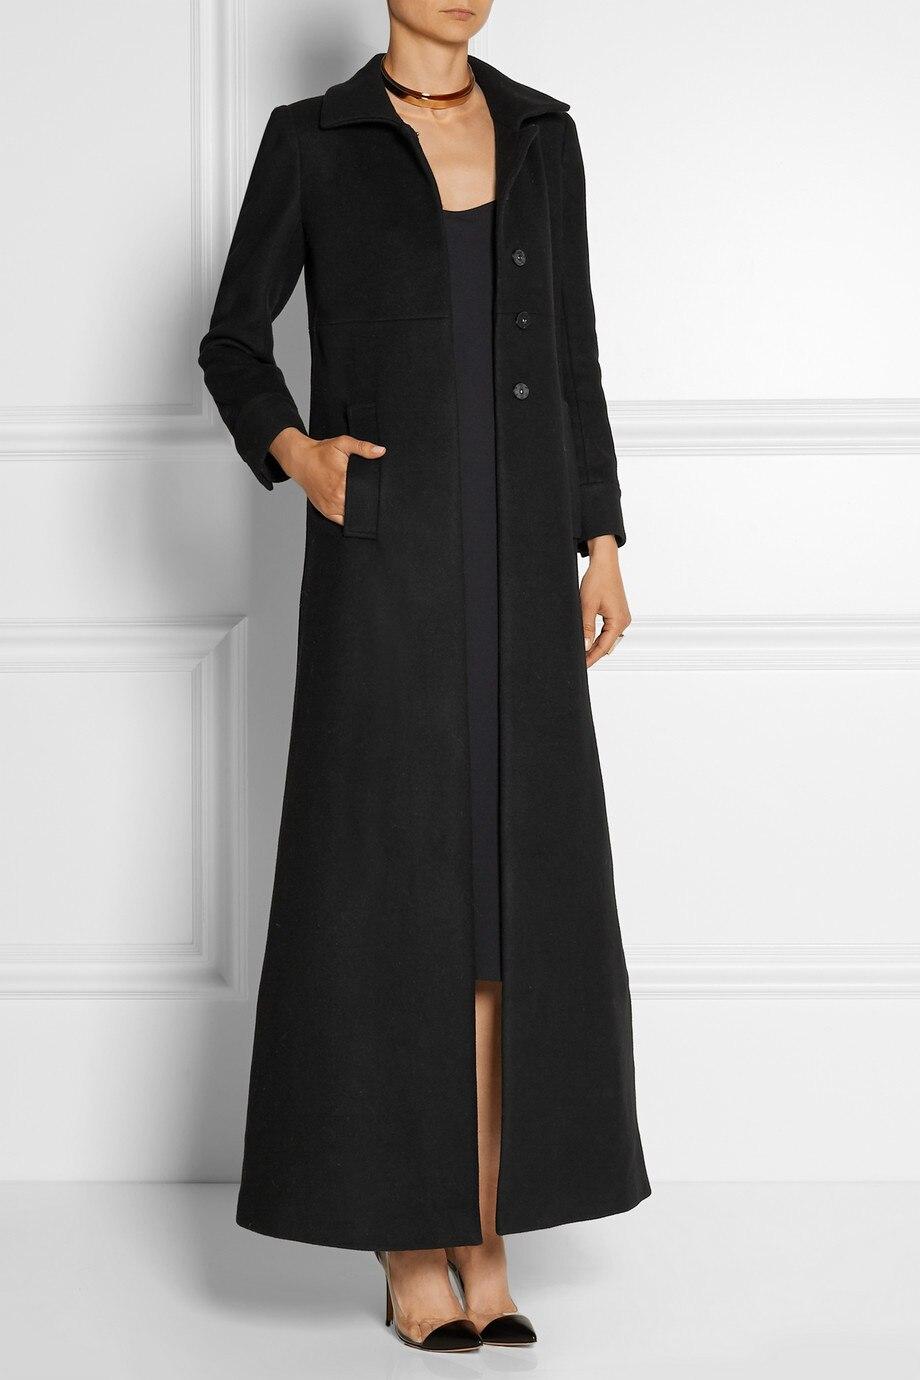 5f55b7a2dff74 Manteau Femme Mode Femmes Plus La Taille Automne Hiver Noir Simple Col  Rabattu Maxi Longue Manteau Femme Casual Pardessus casacos dans Laine et  Mélanges de ...